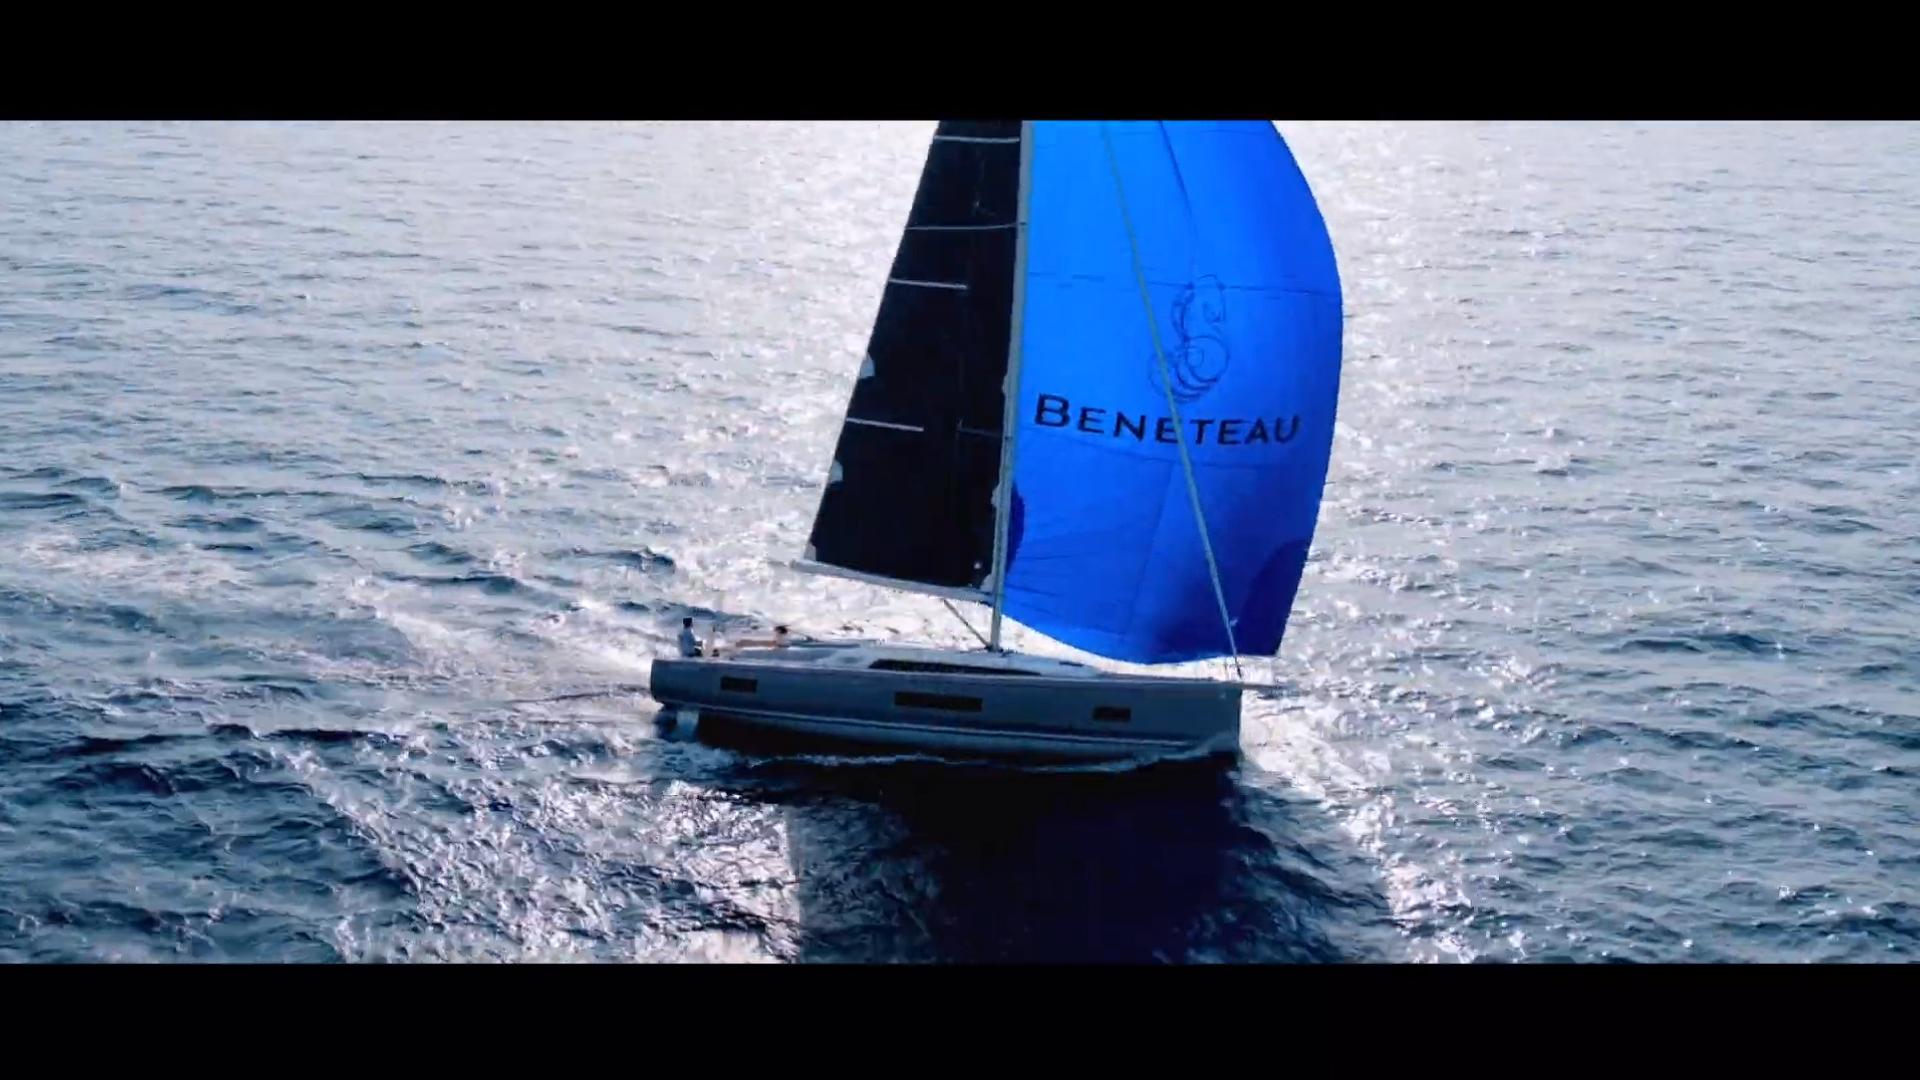 Oceanis 46.1 by Beneteau